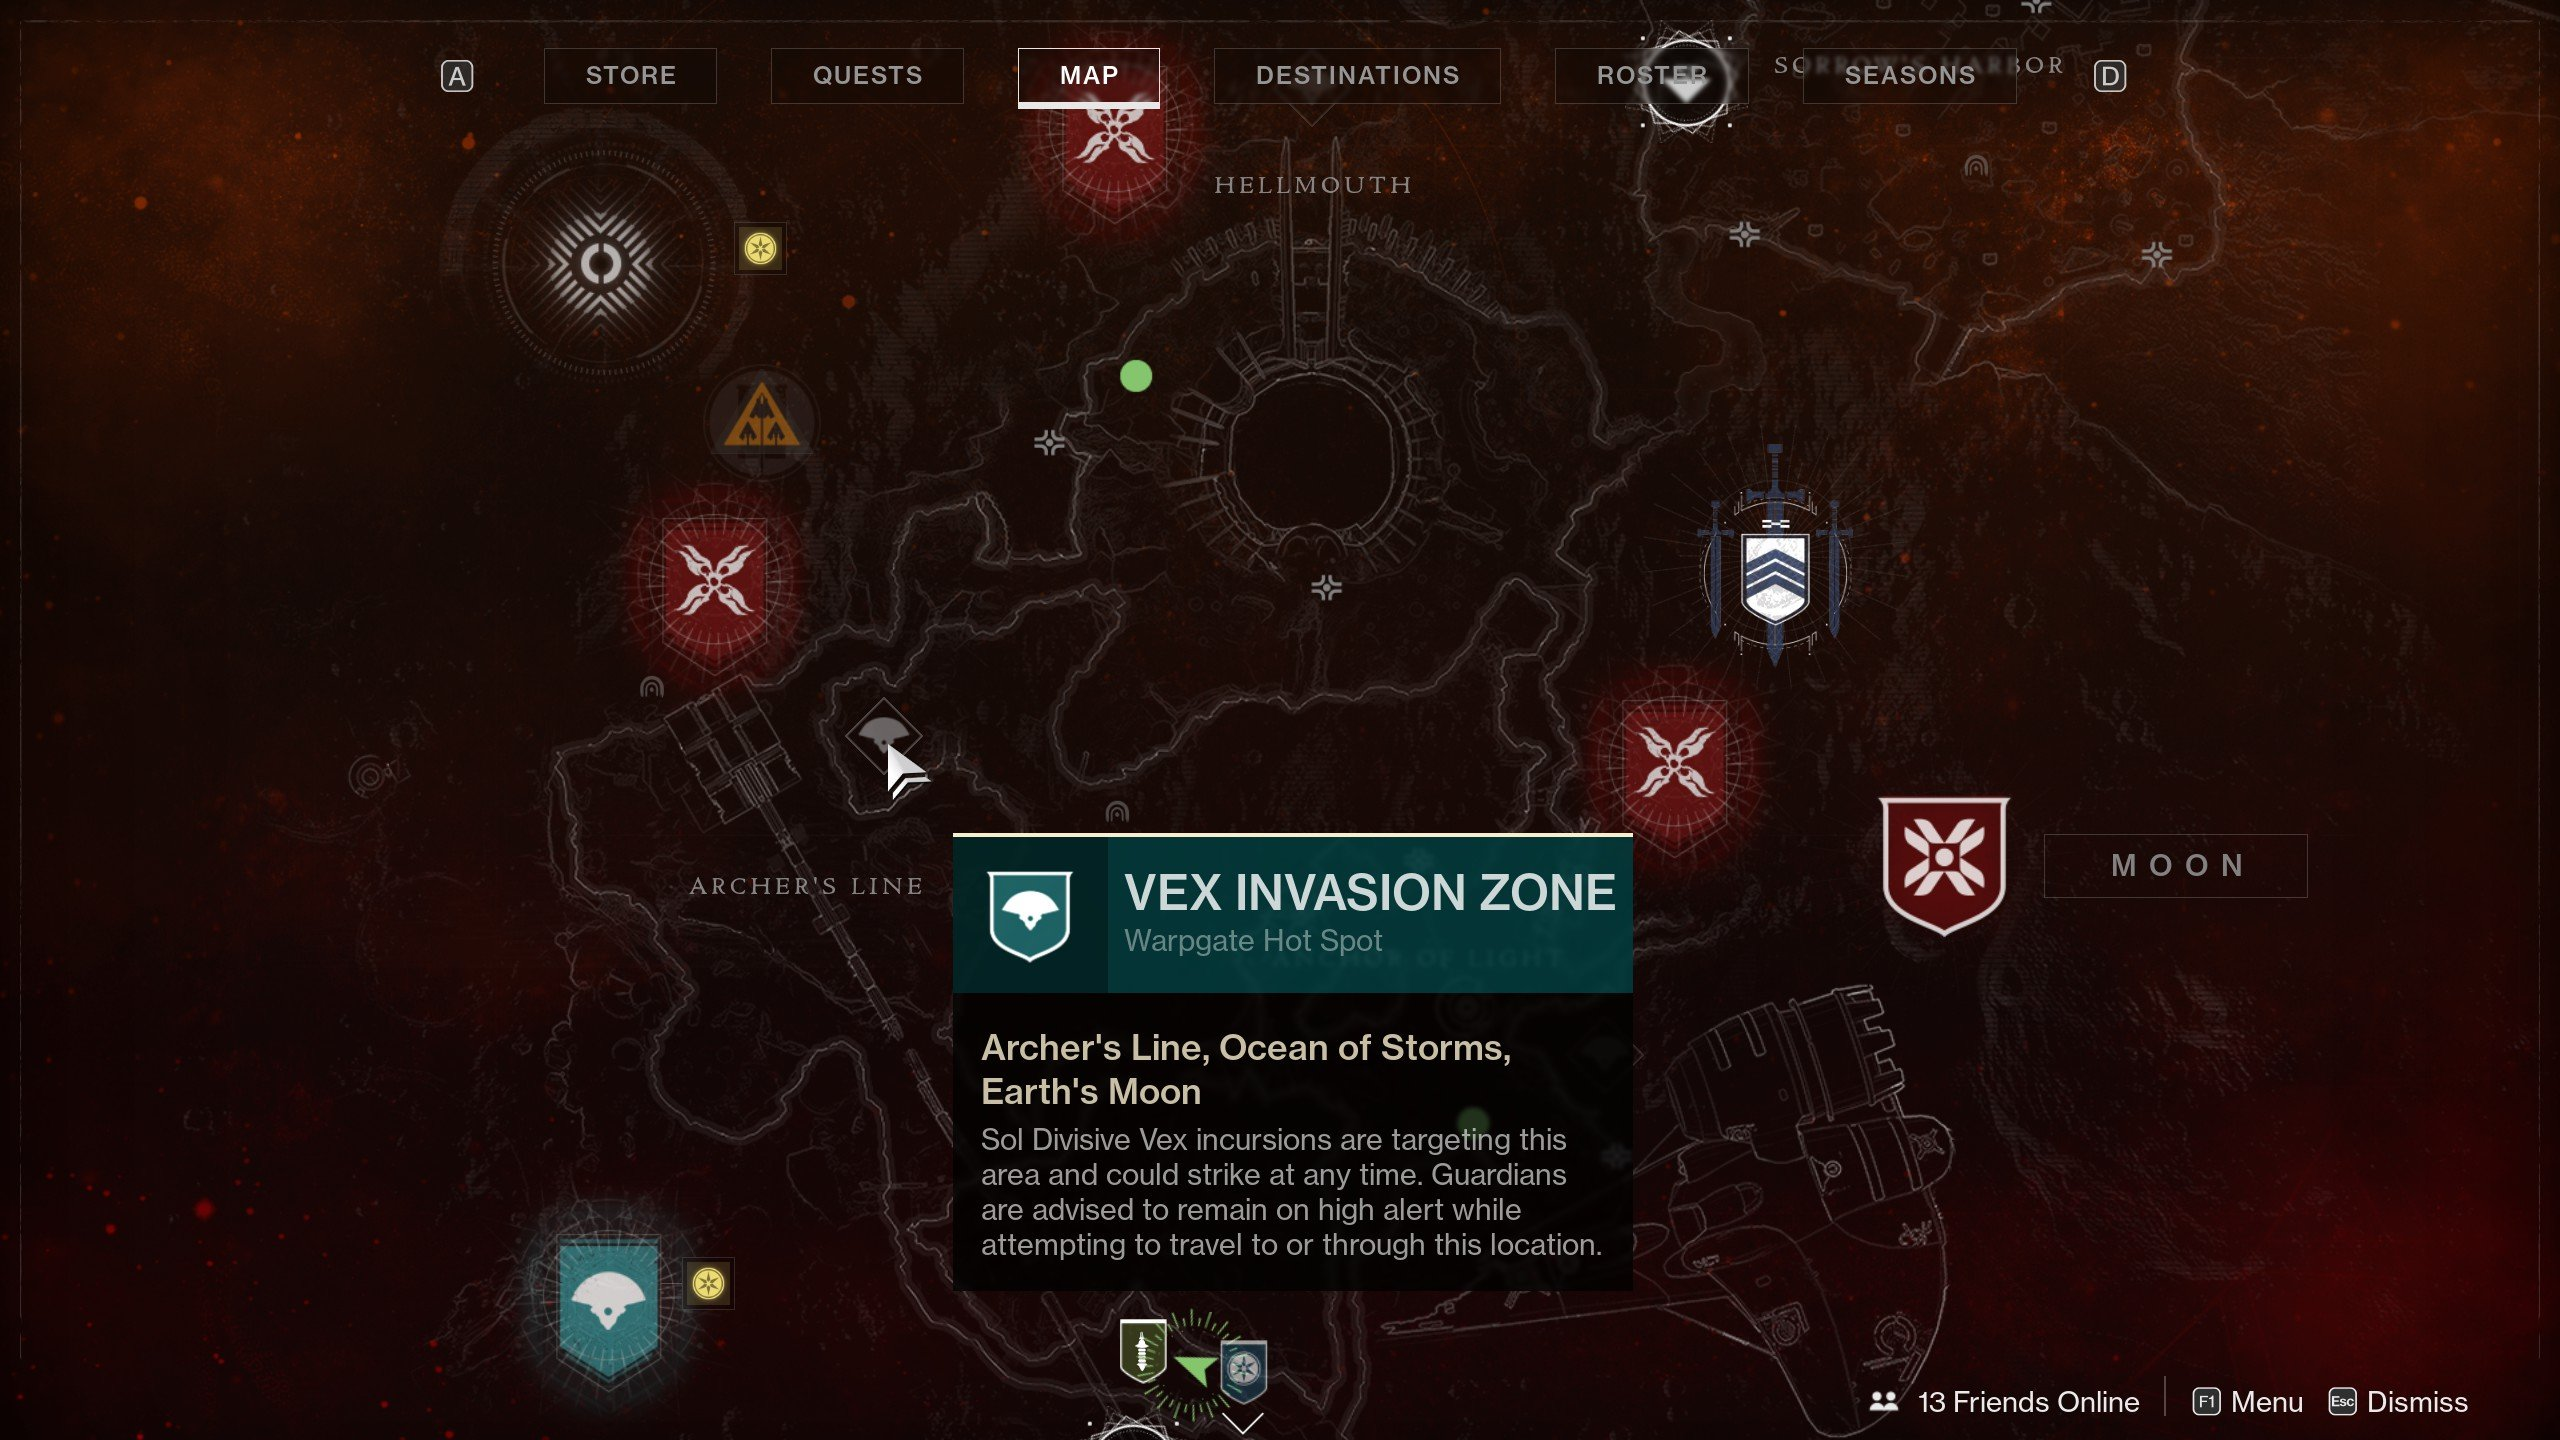 Vex Invasion Zones Destiny 2